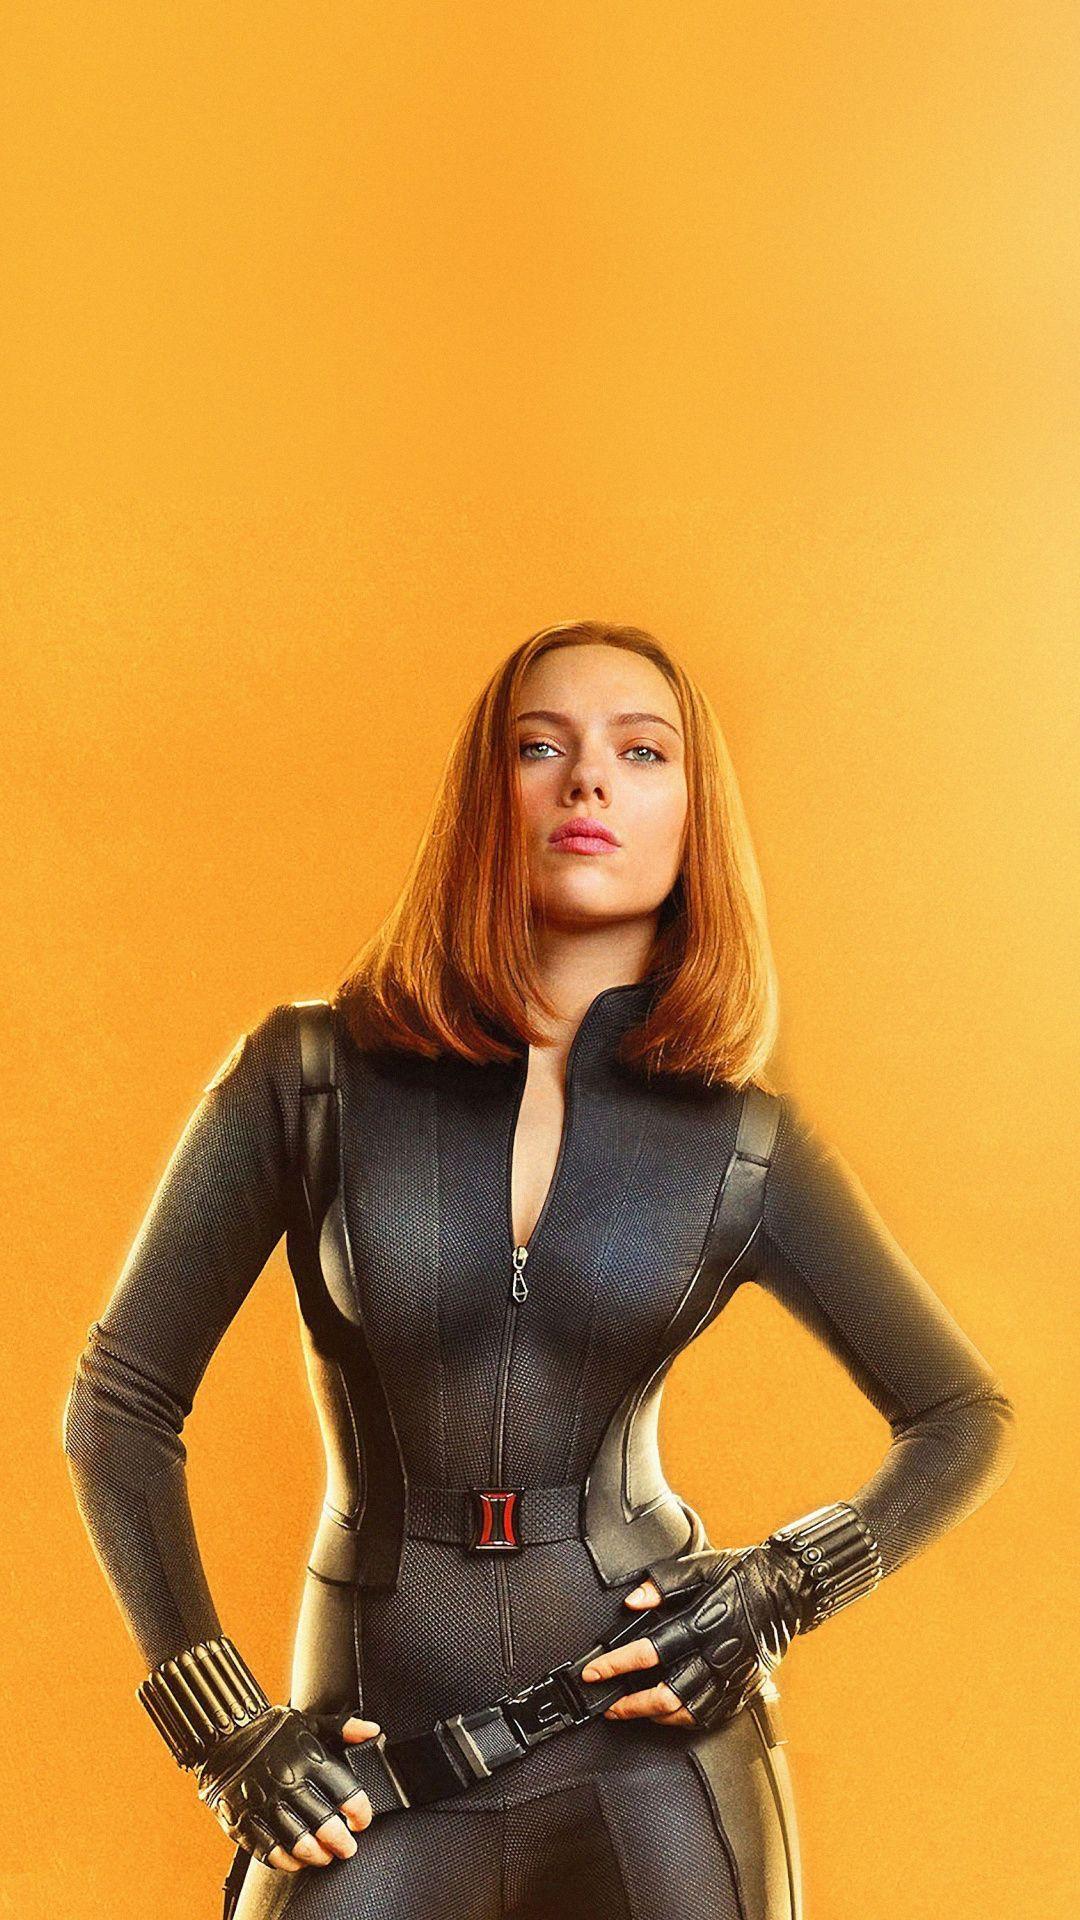 Black Widow Avengers Infinity War Scarlett Johansson 1080x1920